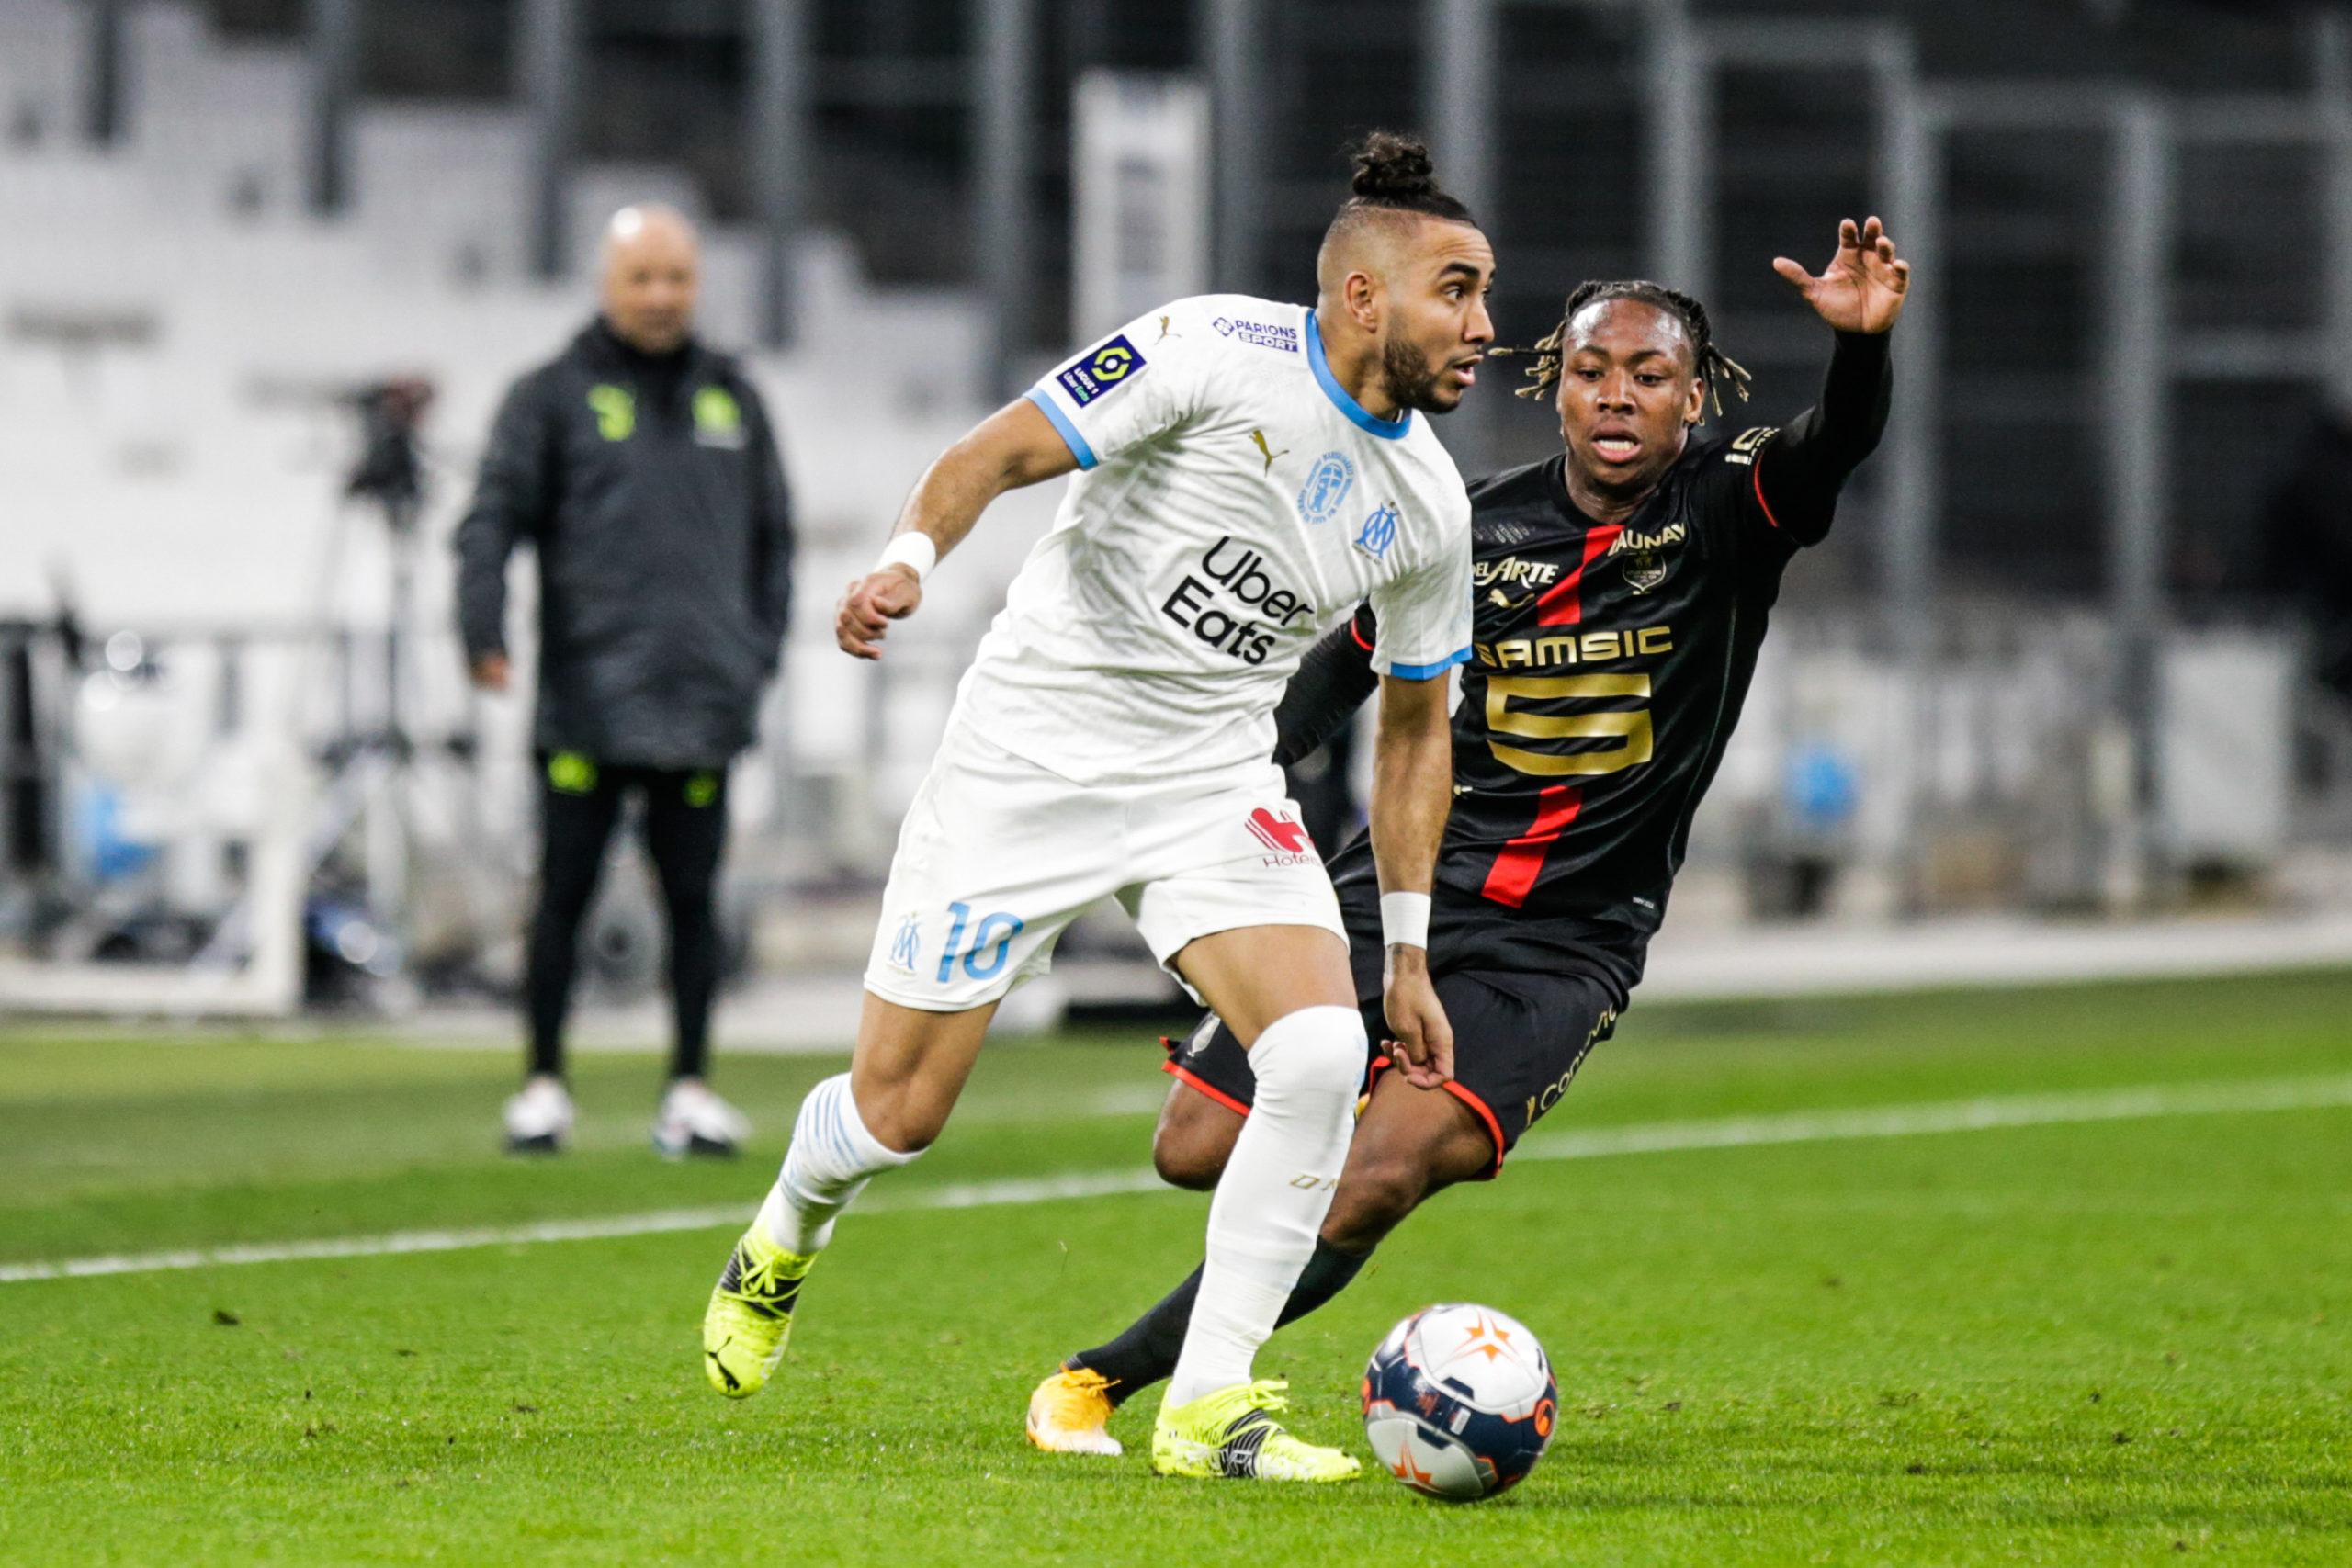 OM - Combien rapporte une 5ème place en Ligue 1 ?